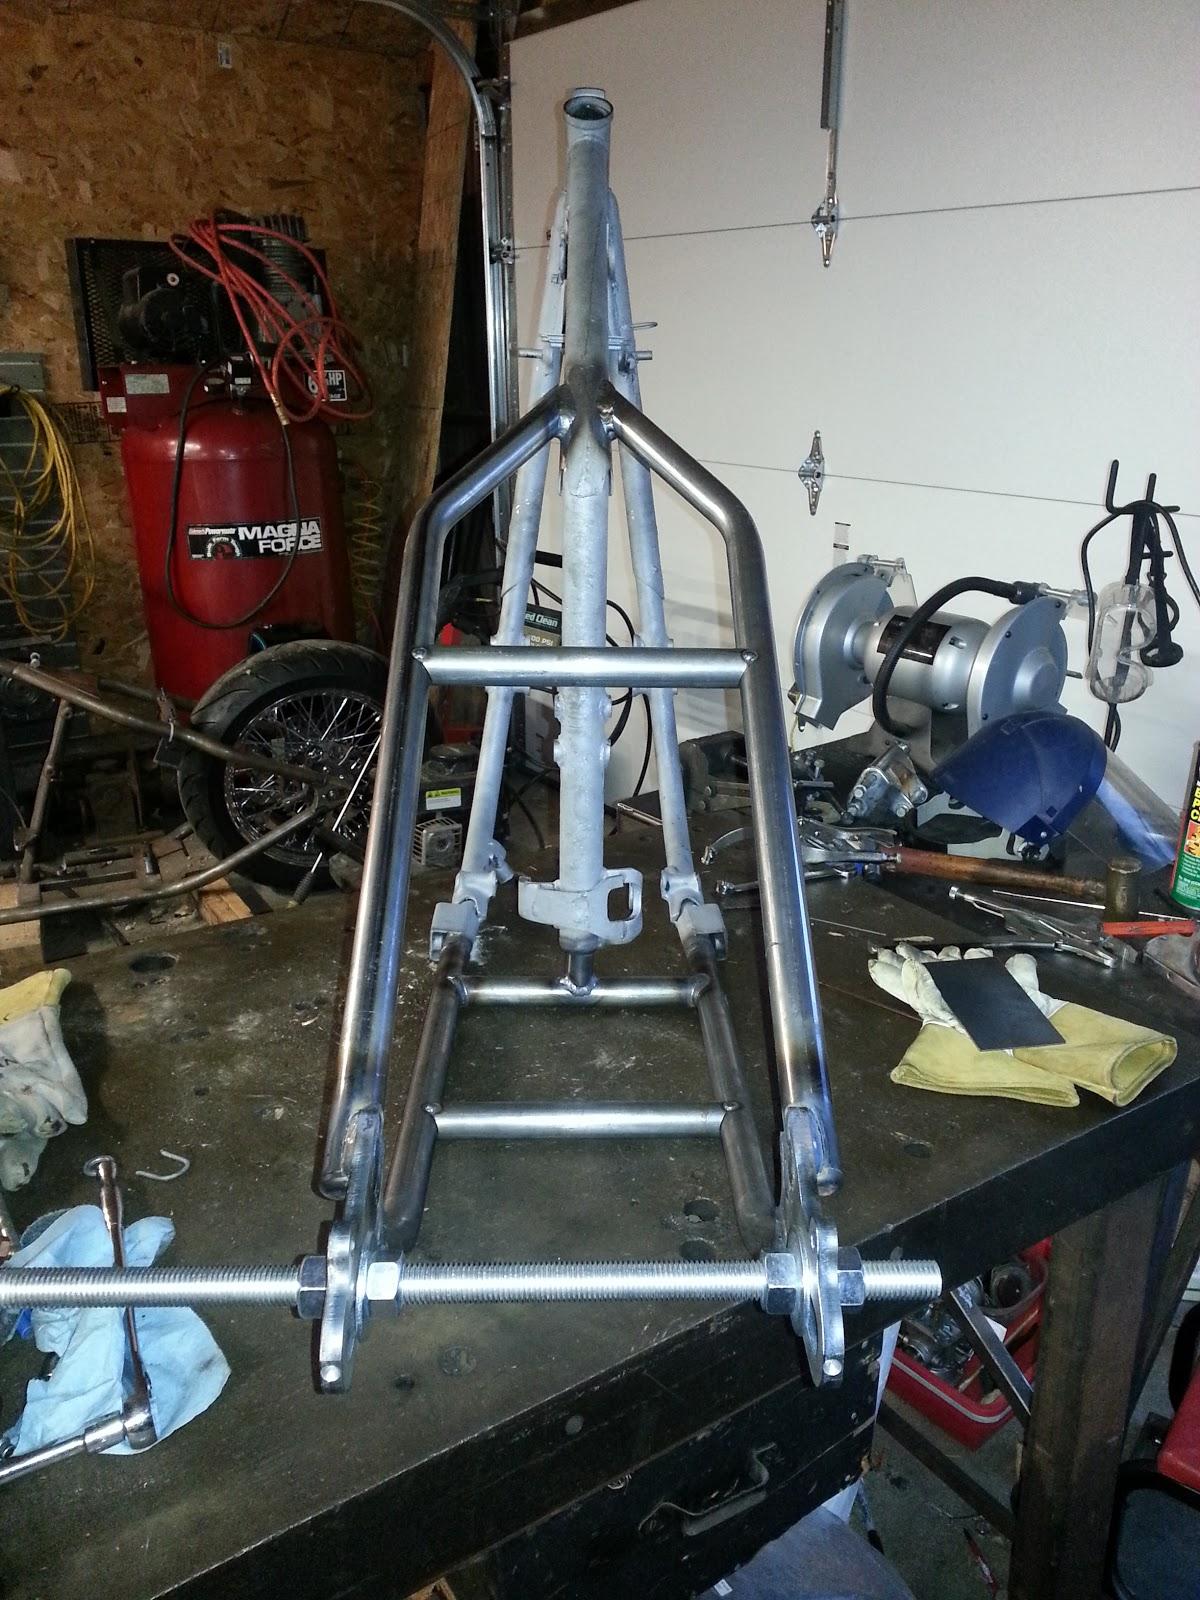 WISNER CYCLES, Anamosa Iowa: XS650 Yamaha weld-on hardtail